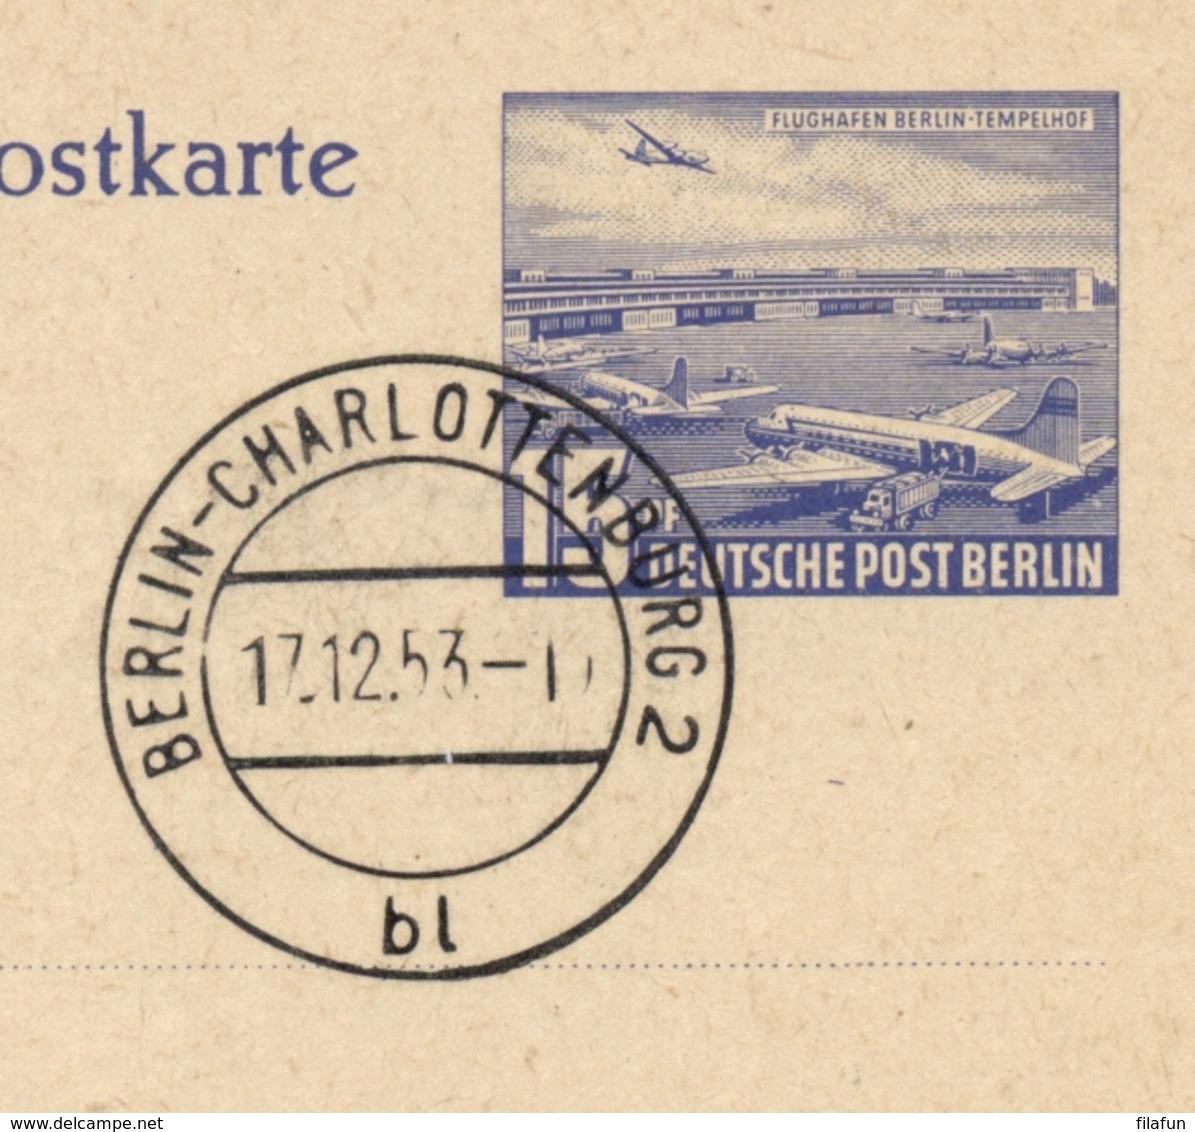 Berlin - 1953 - 15pf Luftpostkarte - Flughafen Berlin Tempelhof - Cancelled FDC, Not Sent - Postkaarten - Gebruikt